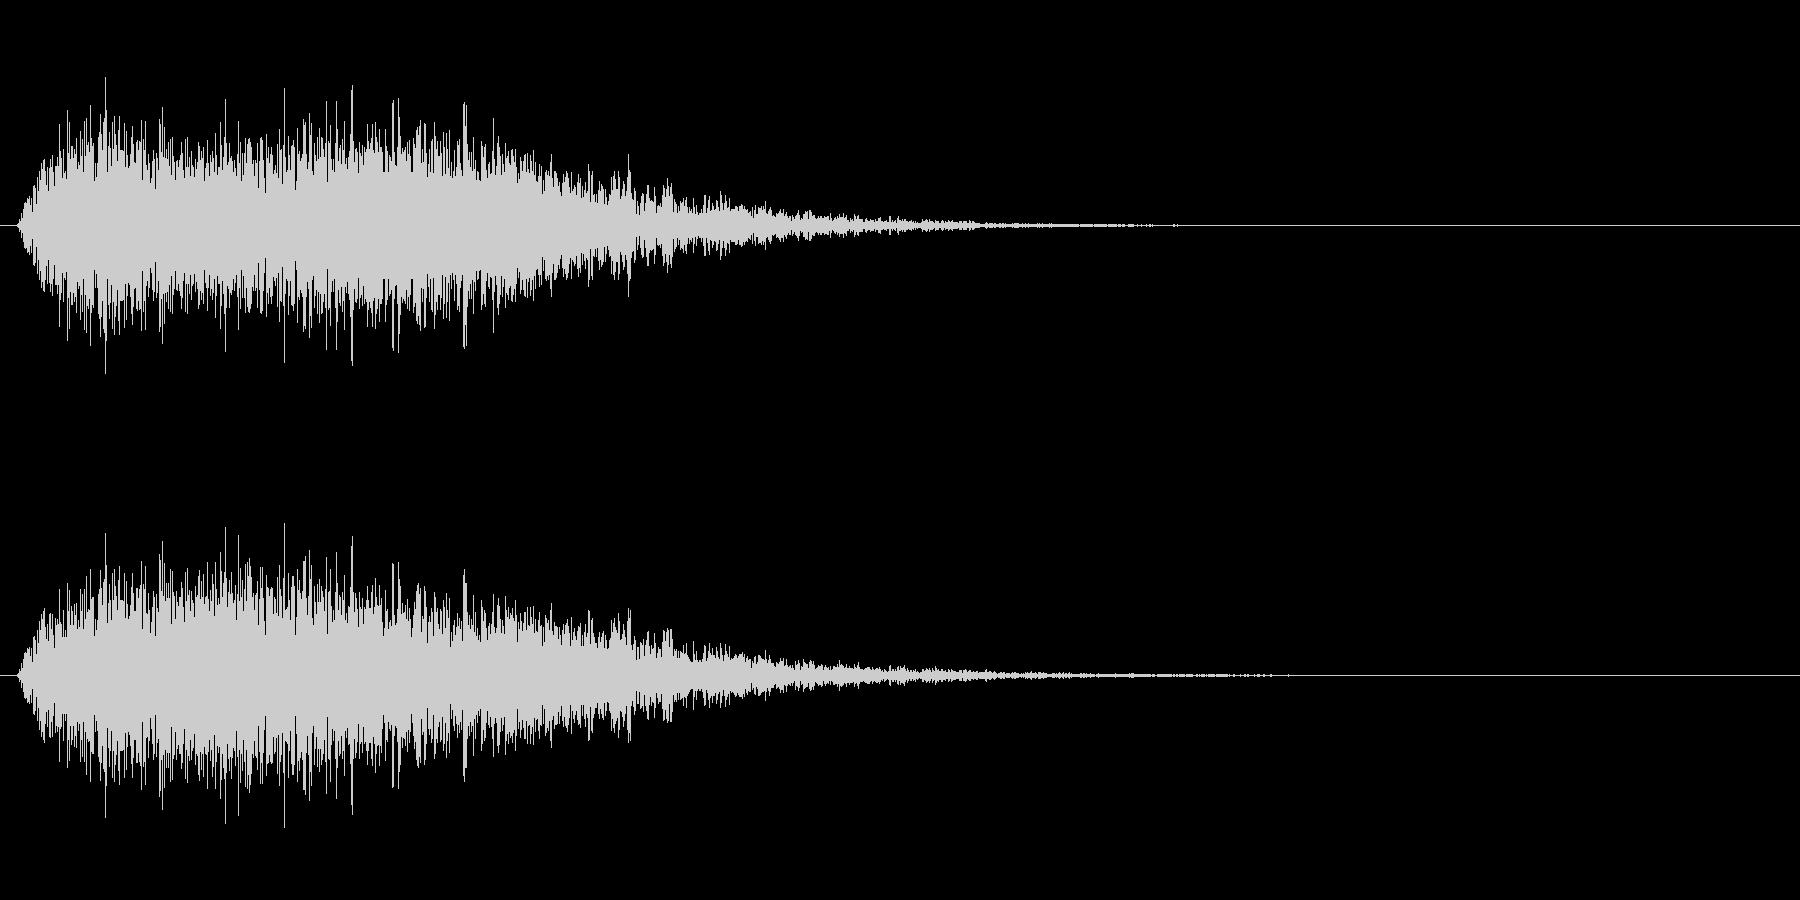 【風魔法】ビュウゥゥ〜 規模(大)短めの未再生の波形